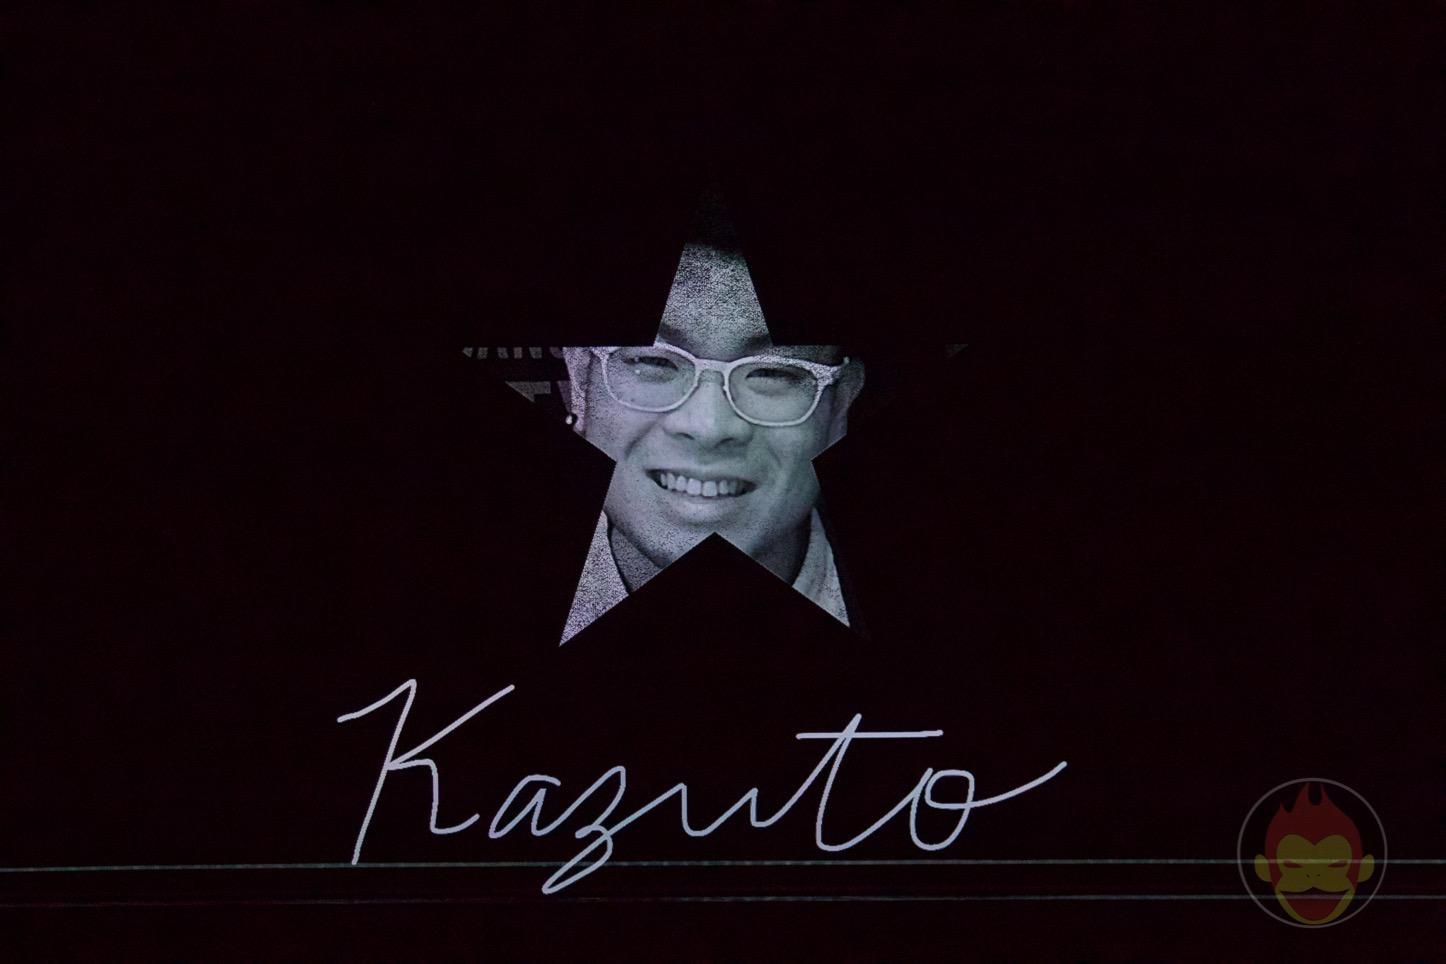 【マダム・タッソー・ホログラム】Madame Tussauds Hologram Attraction